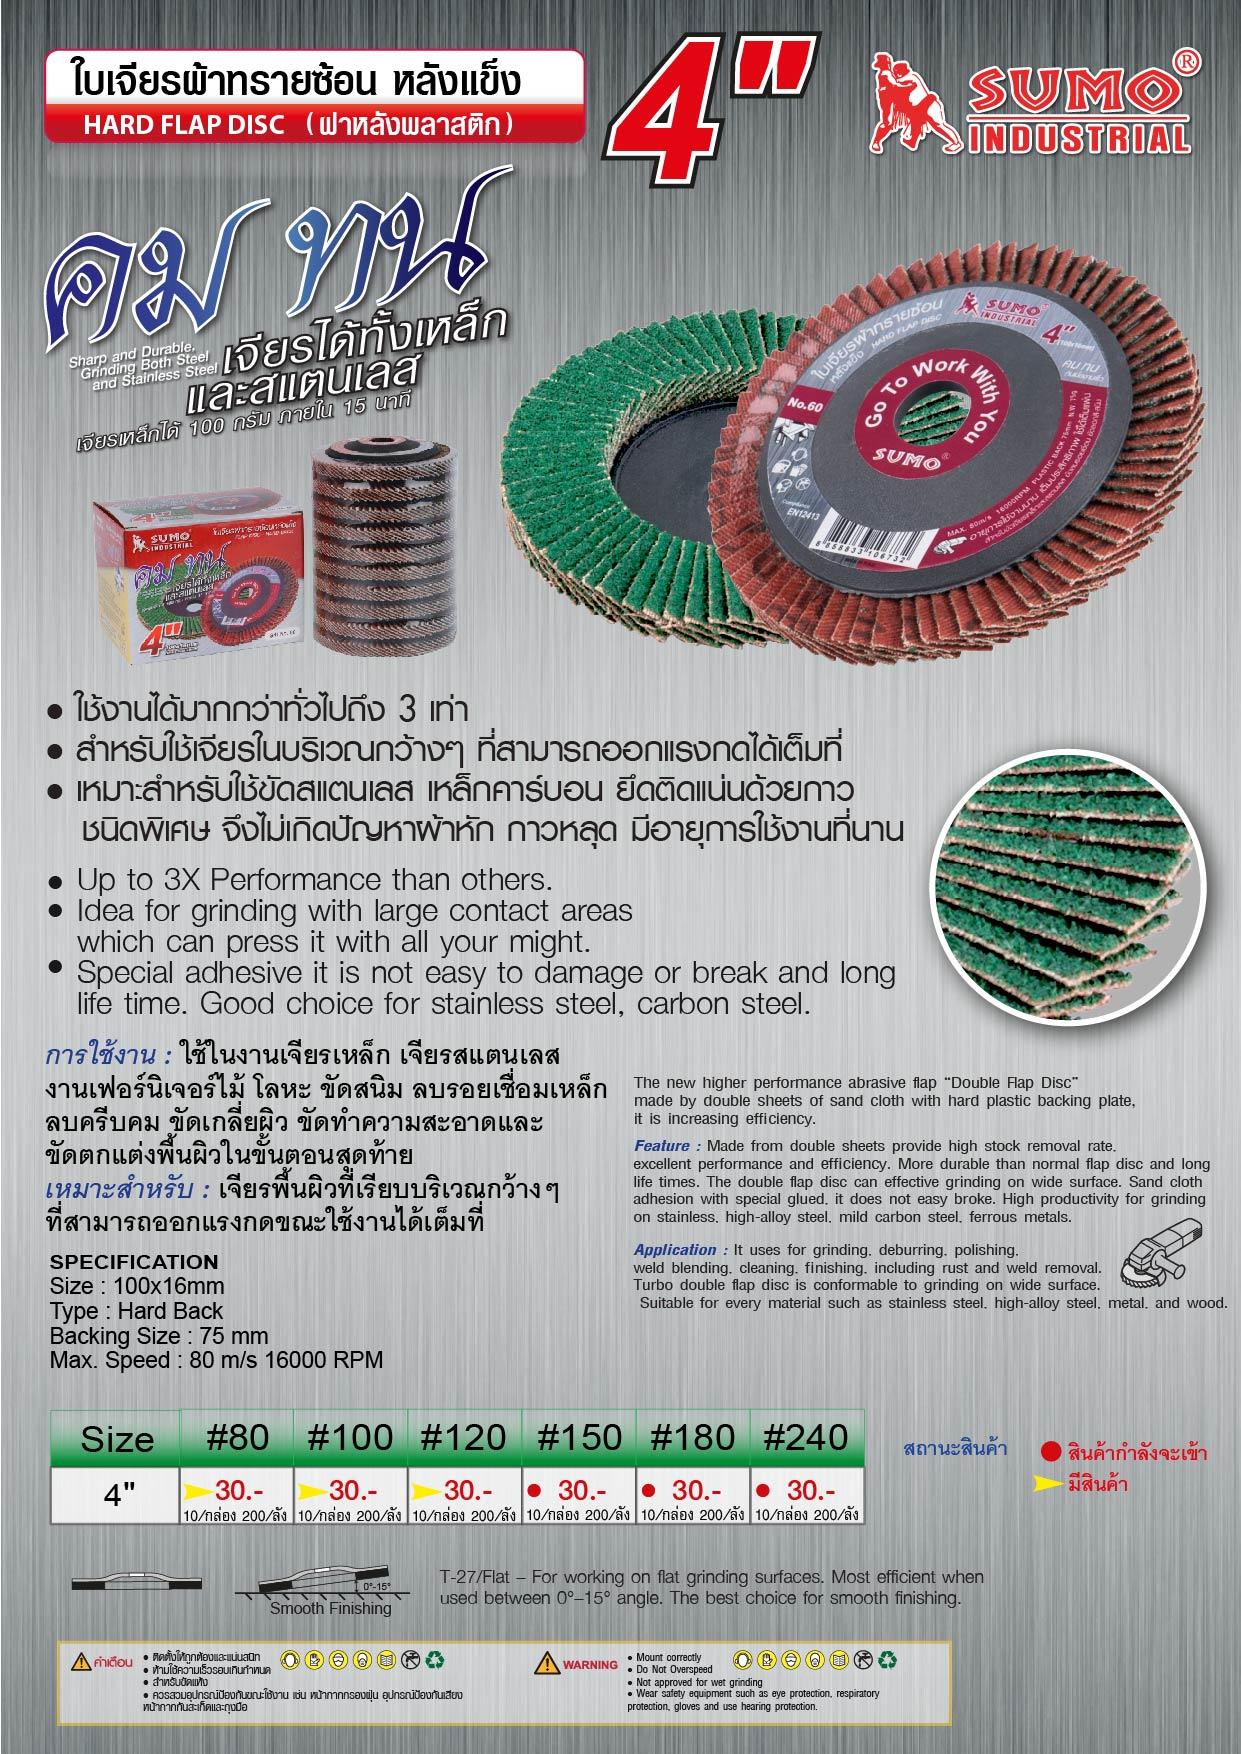 (9/19) ใบเจียรผ้าทรายซ้อน หลังแข็ง -  Hand flap disc